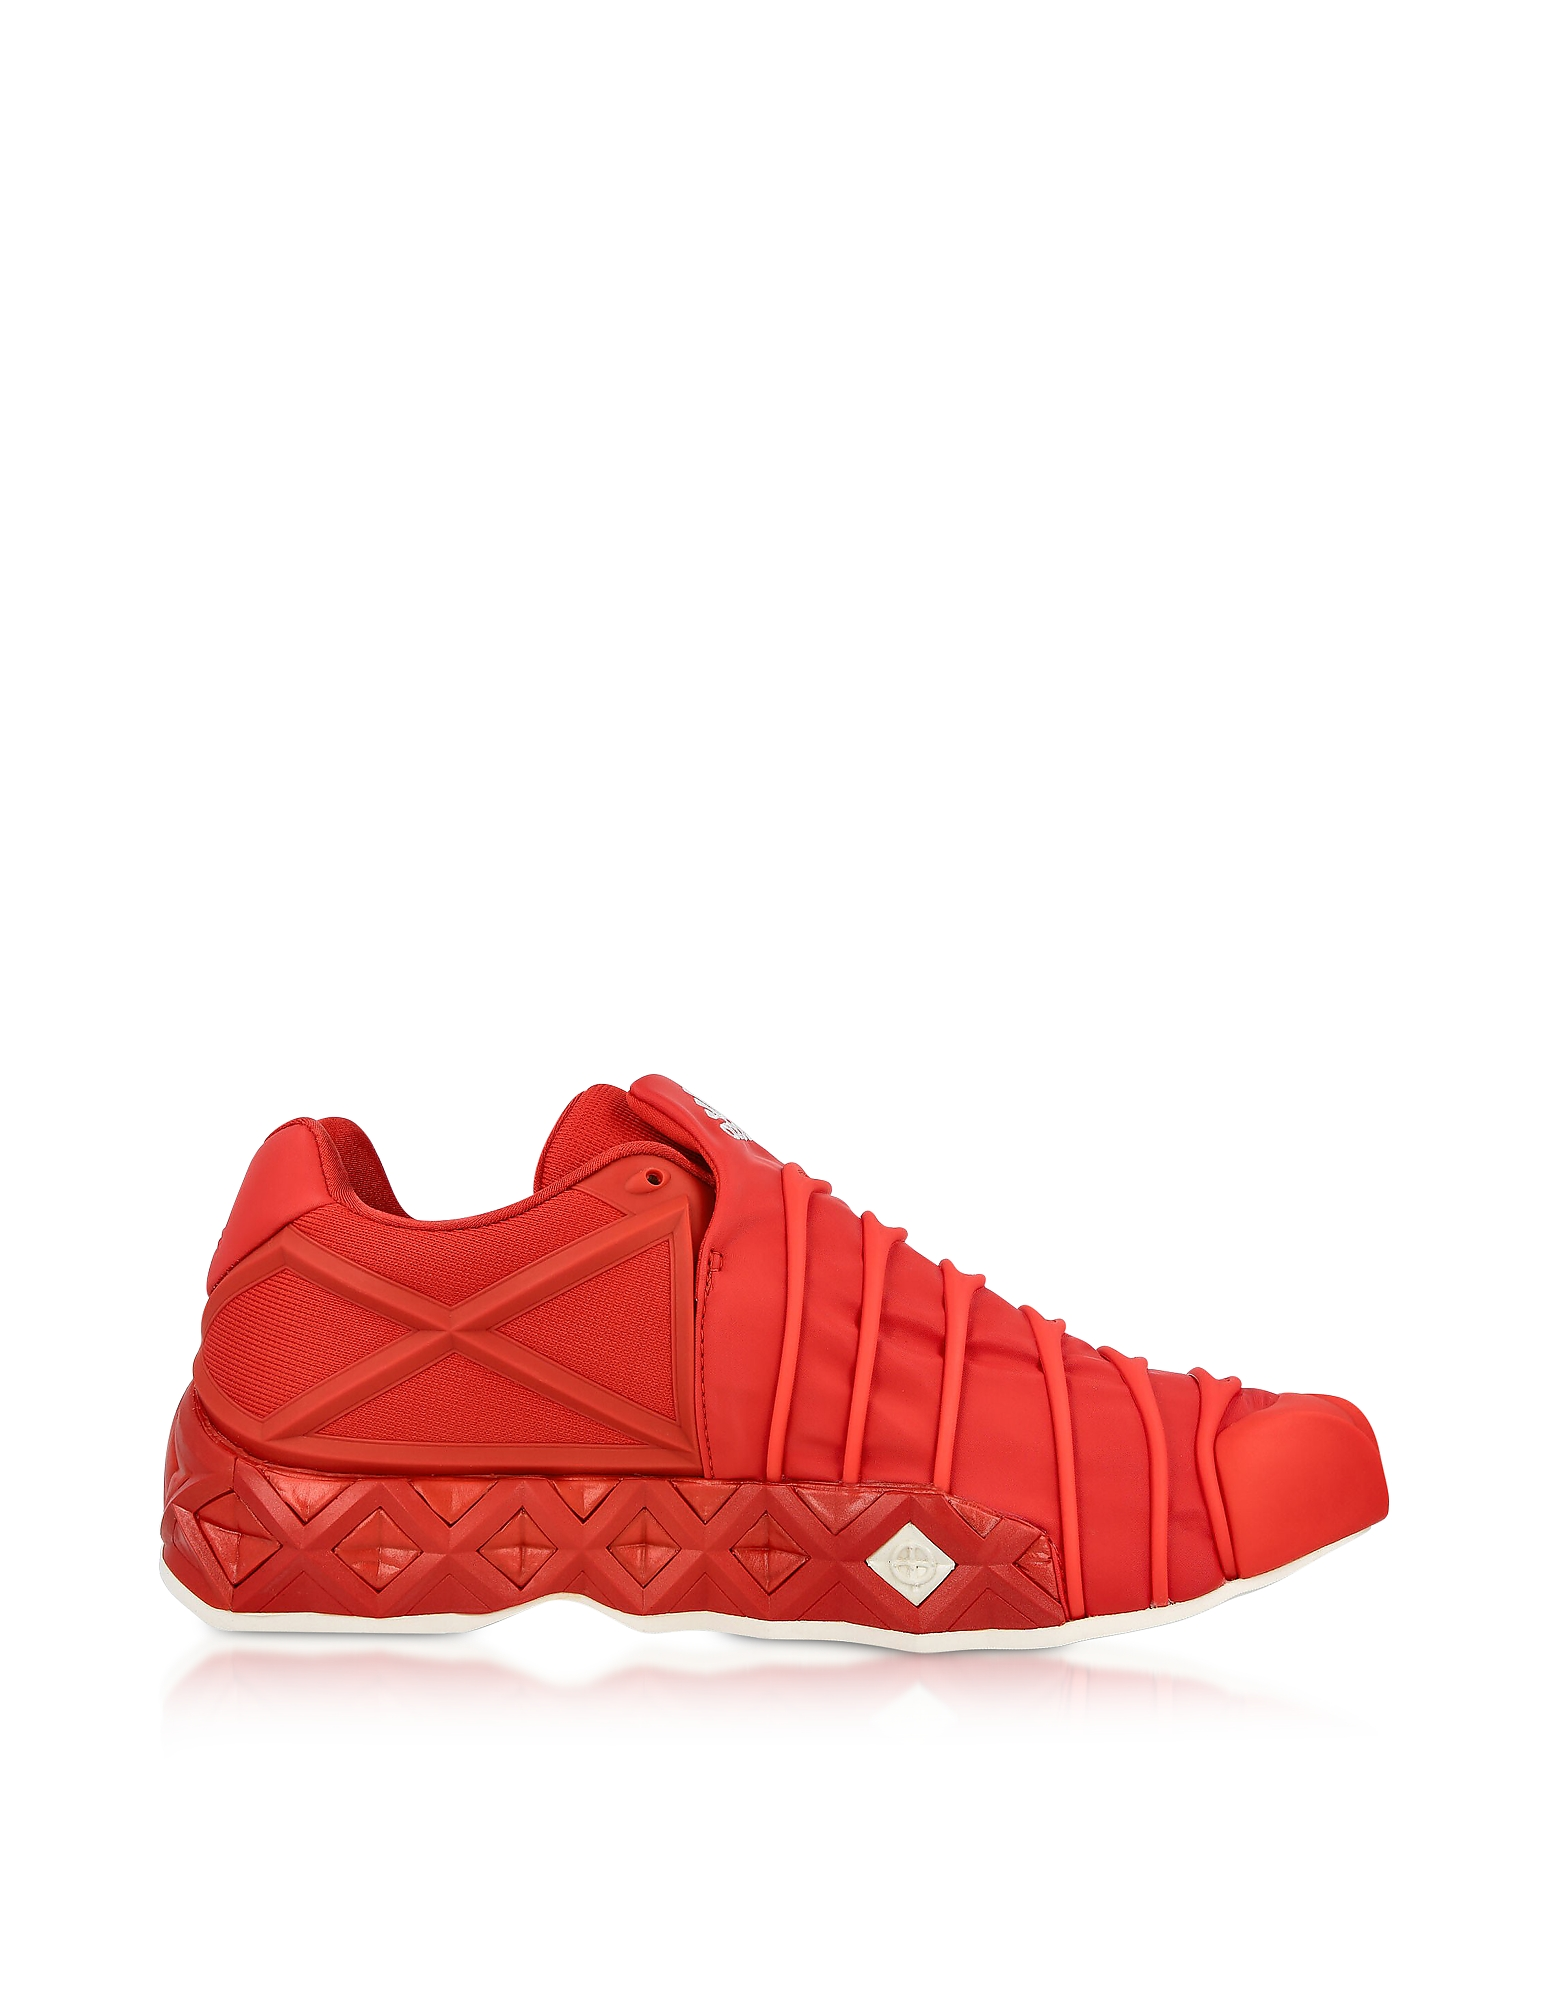 Y-3 Yohred Yuuto Sneakers, Red